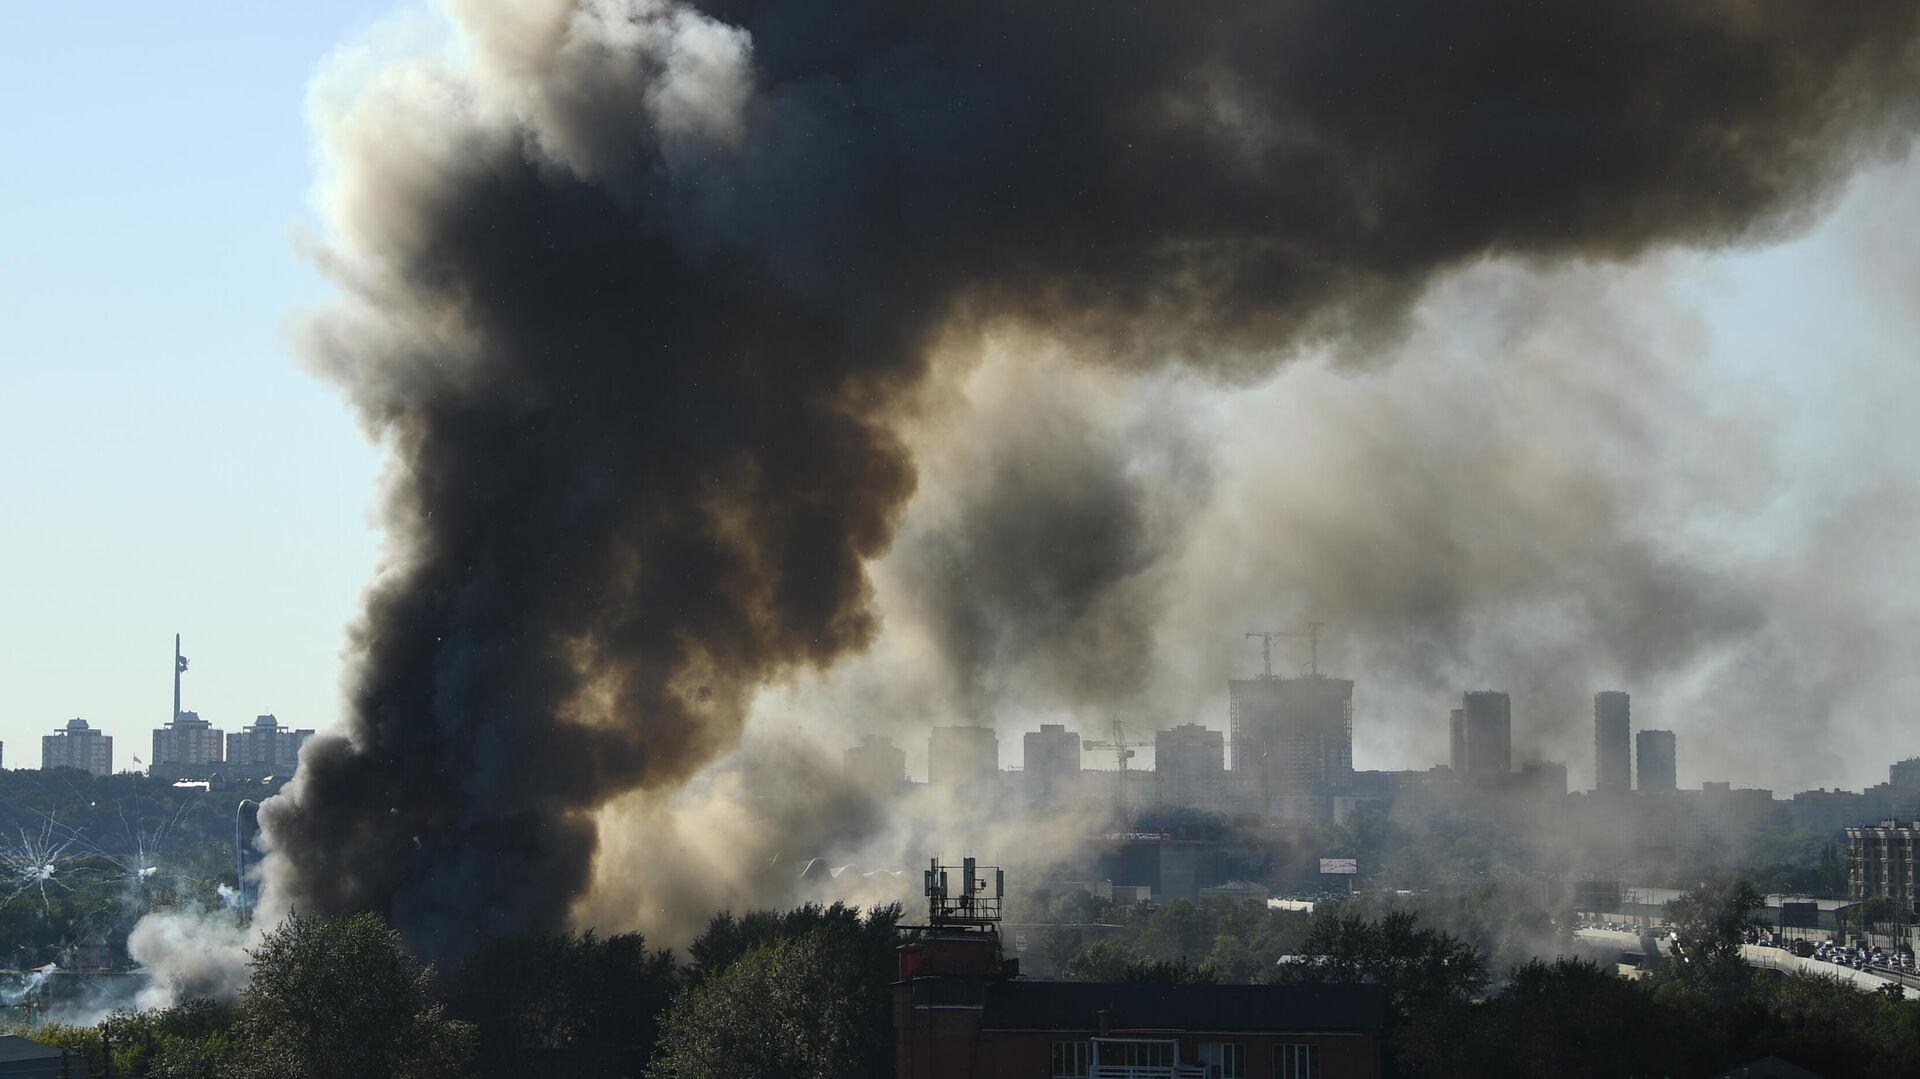 El incendio en un almacén de pirotecnia en el centro de Moscú - Sputnik Mundo, 1920, 19.06.2021